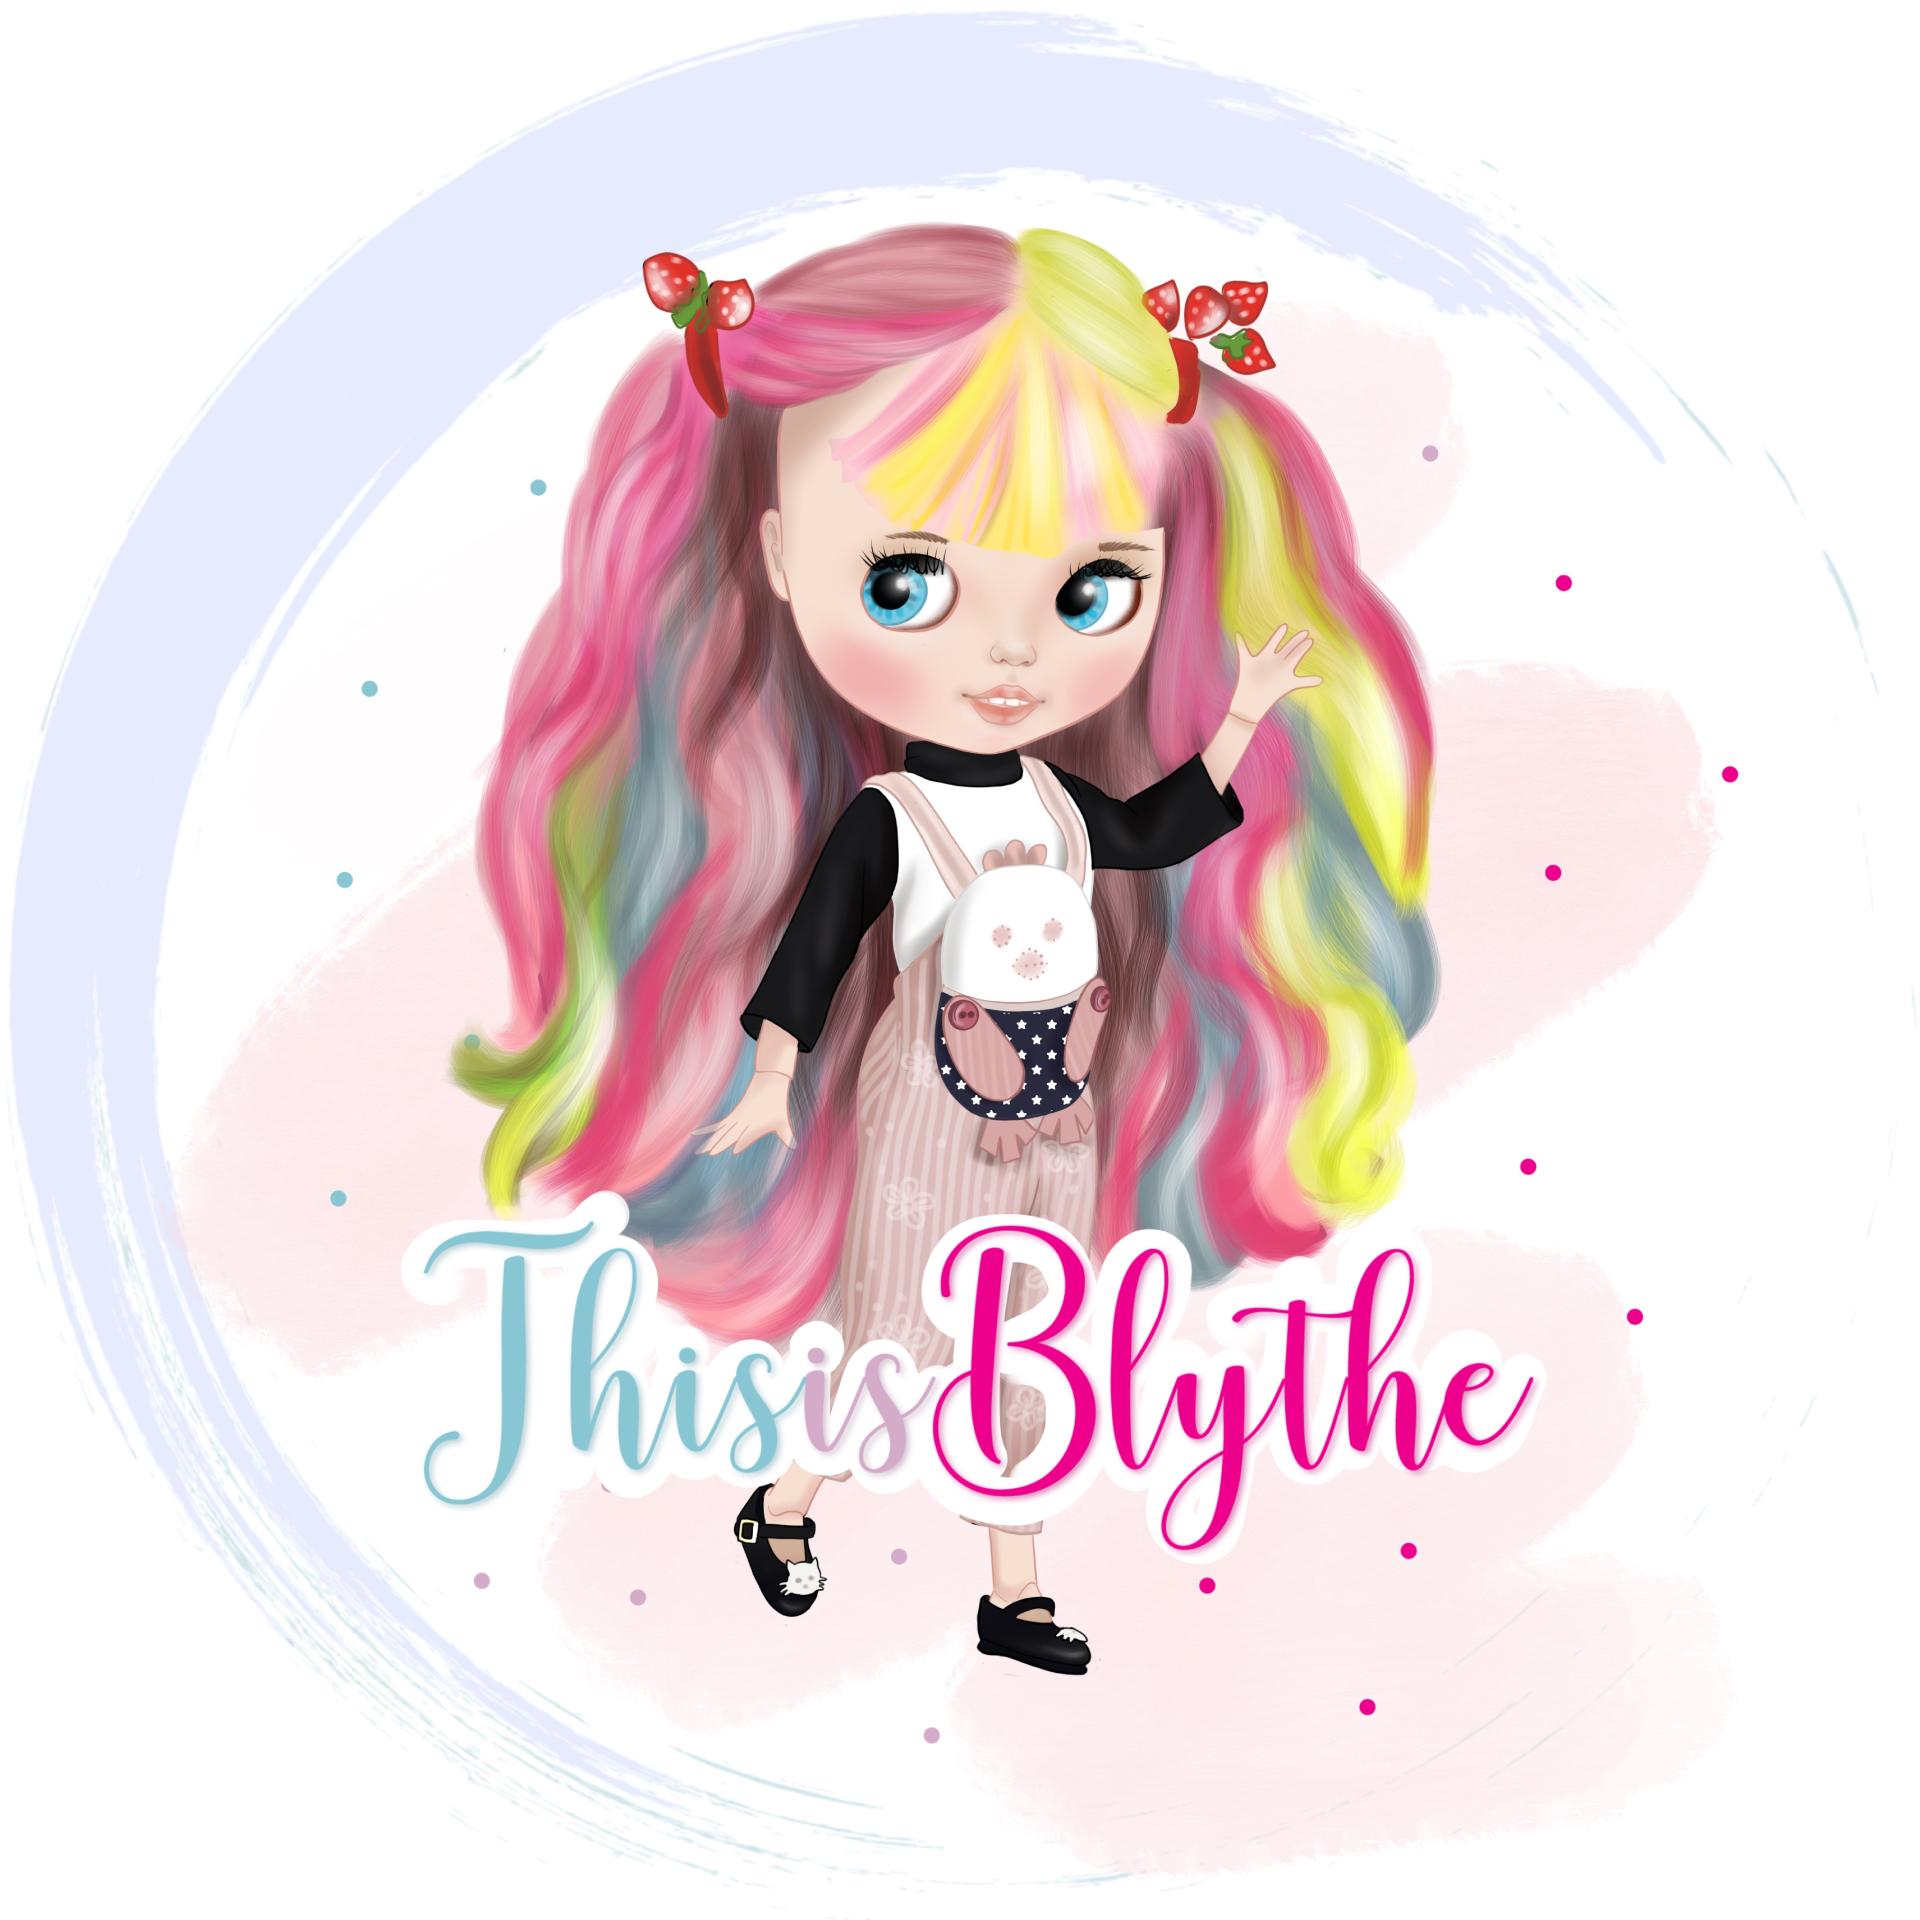 Janet nackt Blythe Janett Blythe